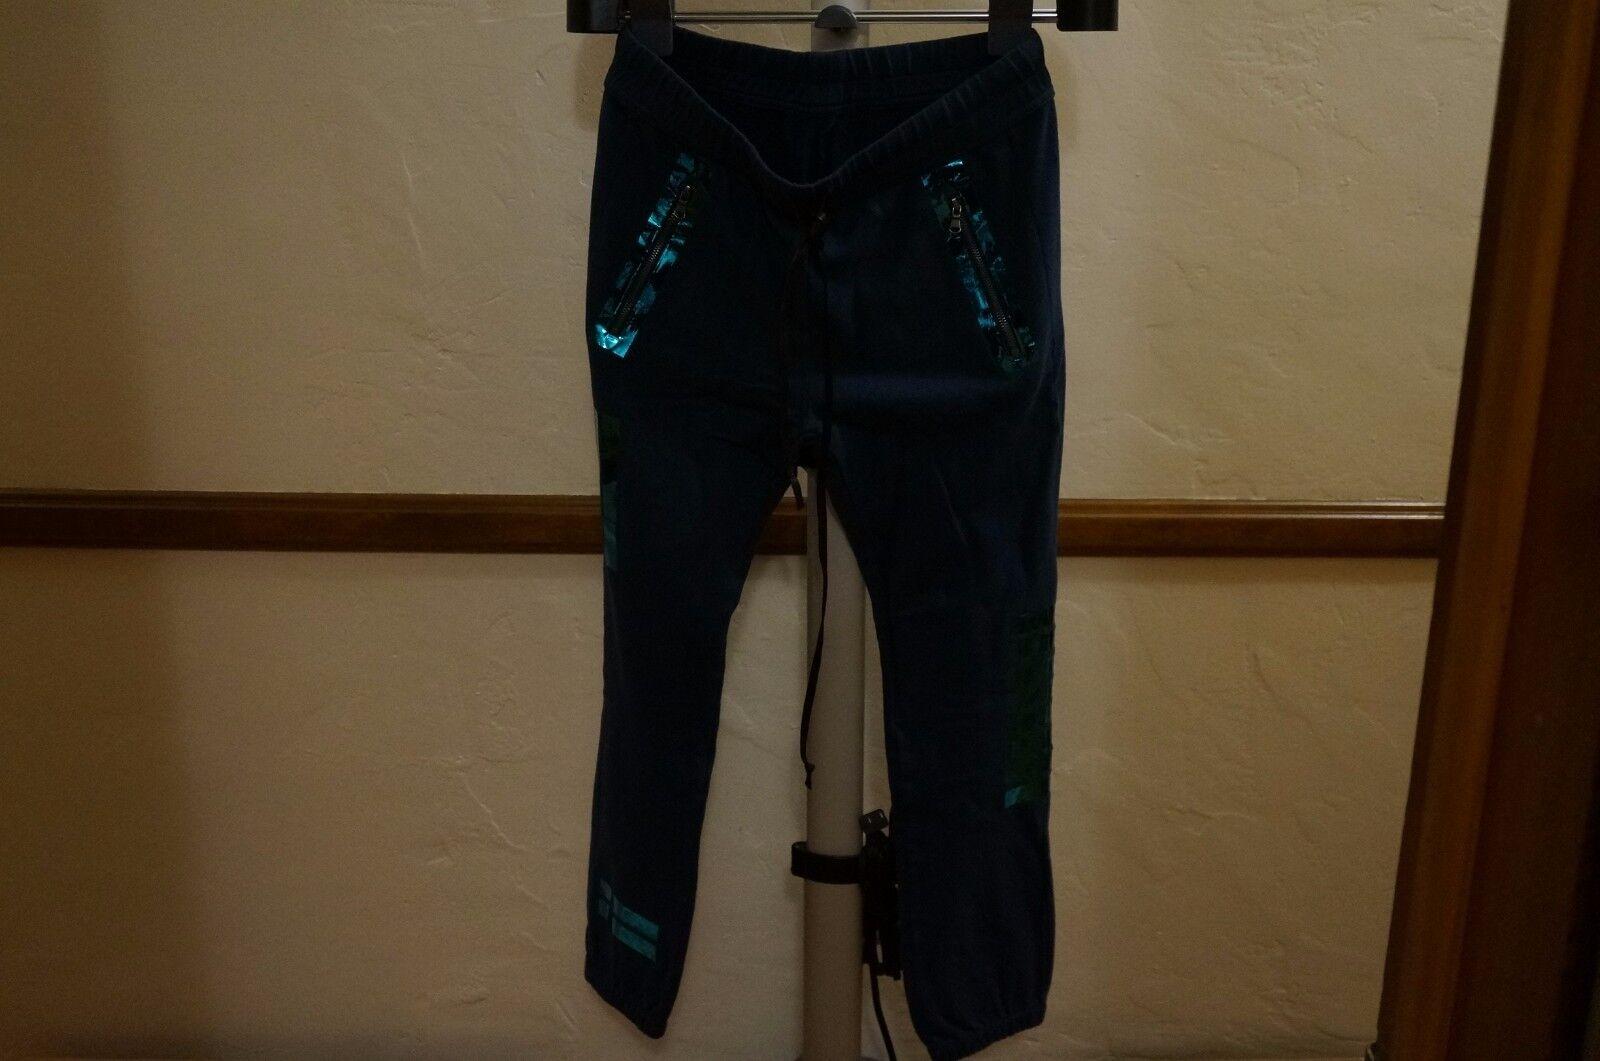 175 HUDSON 100% COTTON AVERY MOTO SWEAT PANTS SZ SMALL bluee